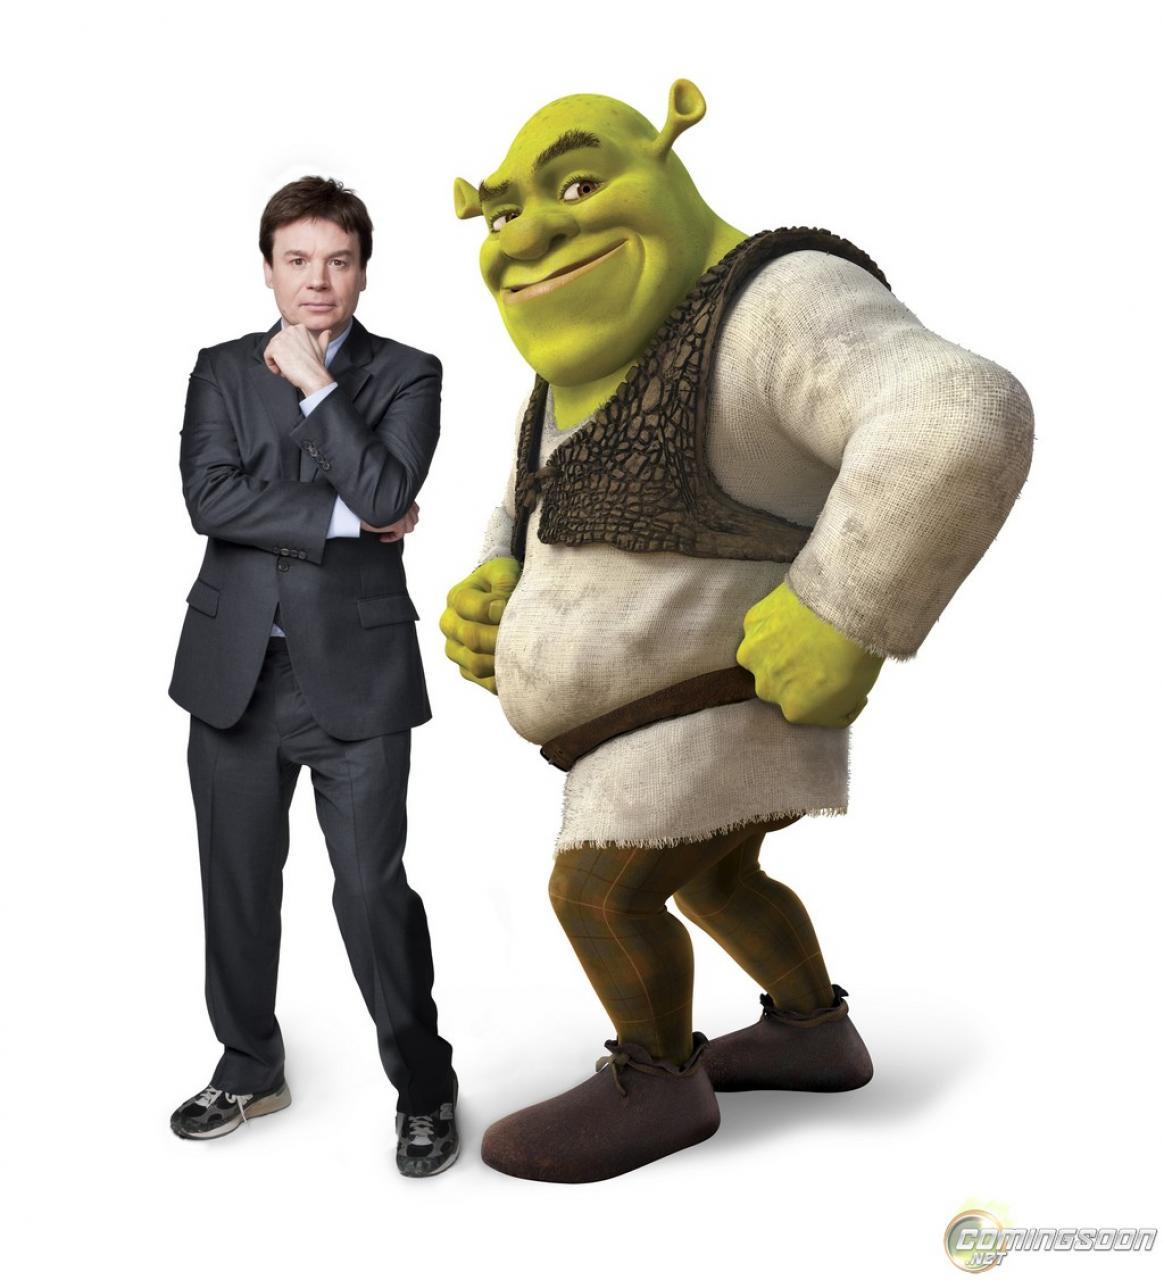 http://1.bp.blogspot.com/_KI8sEuHtlRo/S8eDk-JY-II/AAAAAAAAA_g/PaQxE8oXNVQ/s1600/hr_Shrek_Forever_After_22.jpg